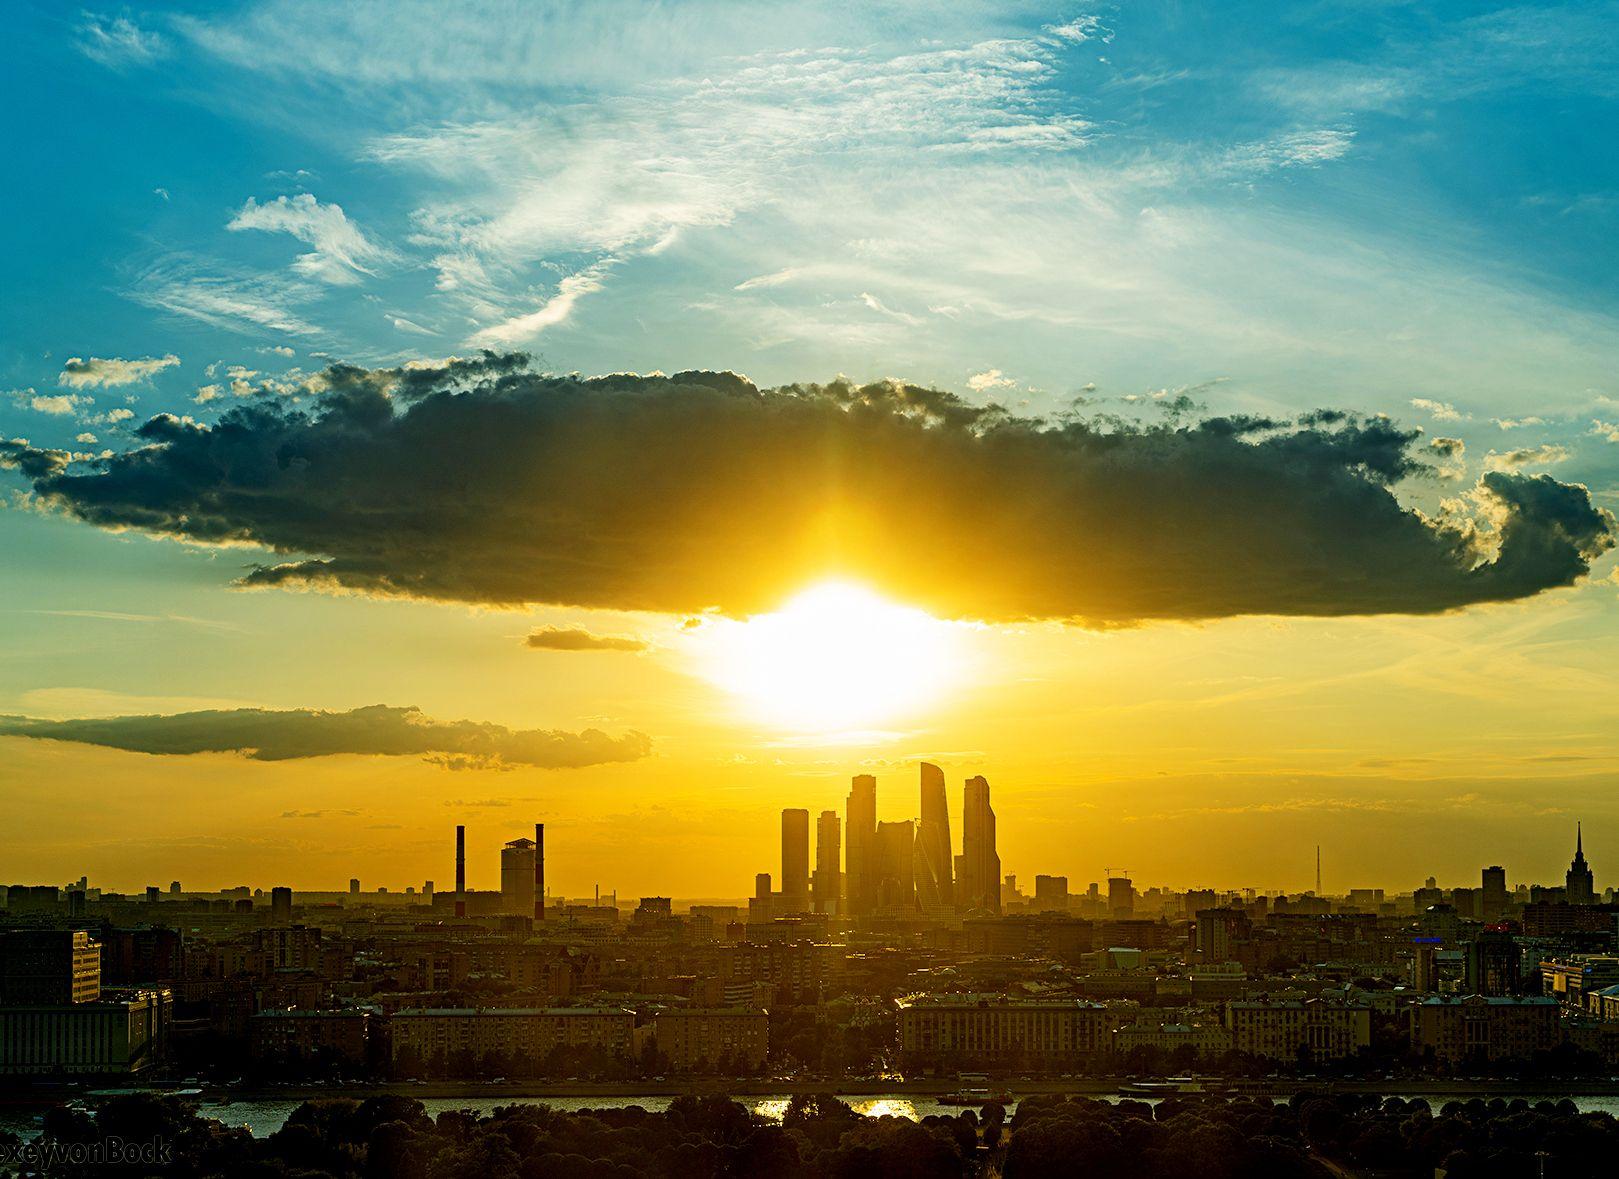 Город удачно совмещает деловую и досуговую среду. Фото: Алексей Бок, «Вечерняя Москва»